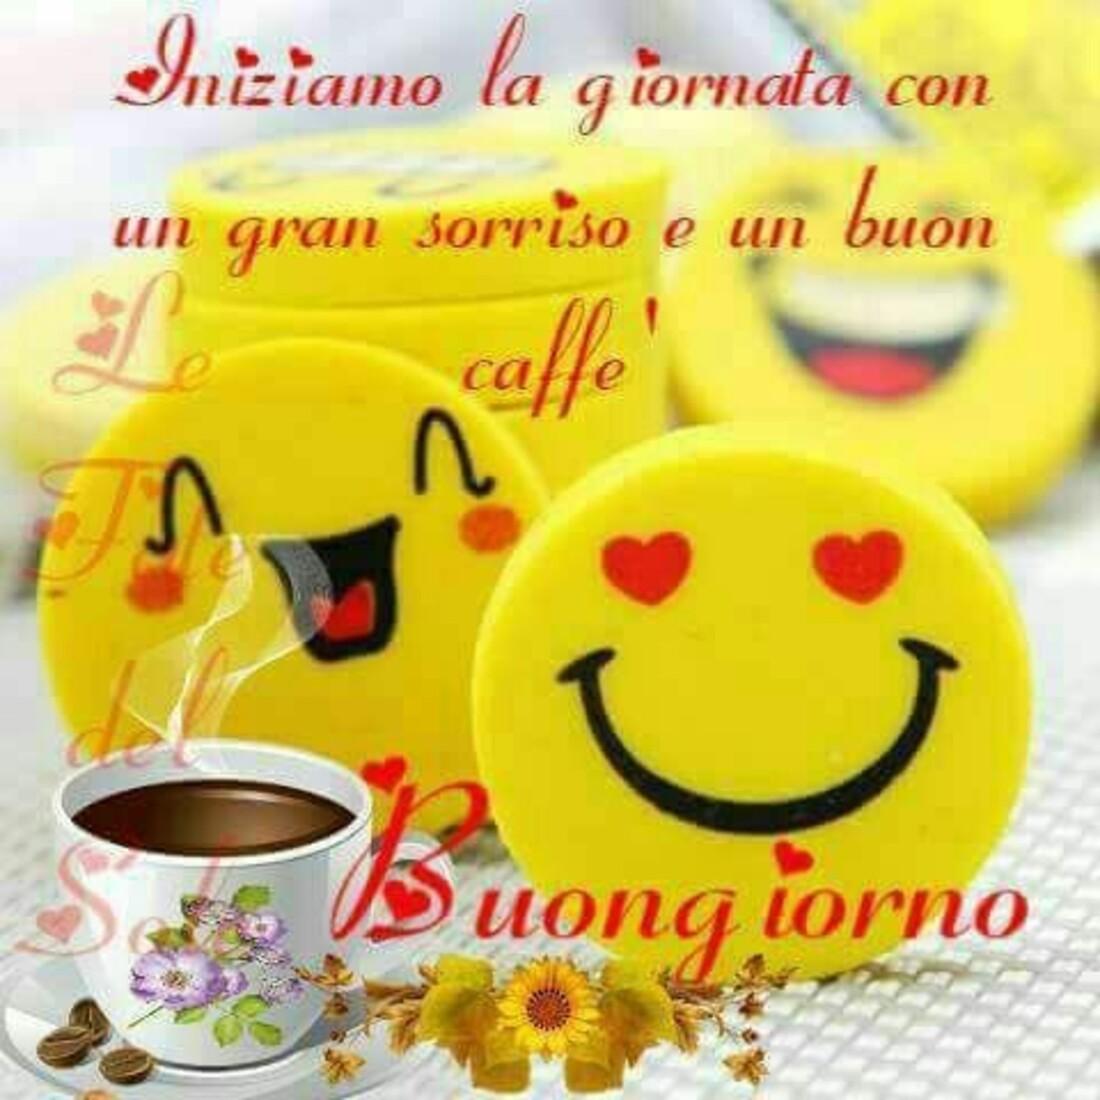 Buongiorno col sorriso bellissime immagini (2)